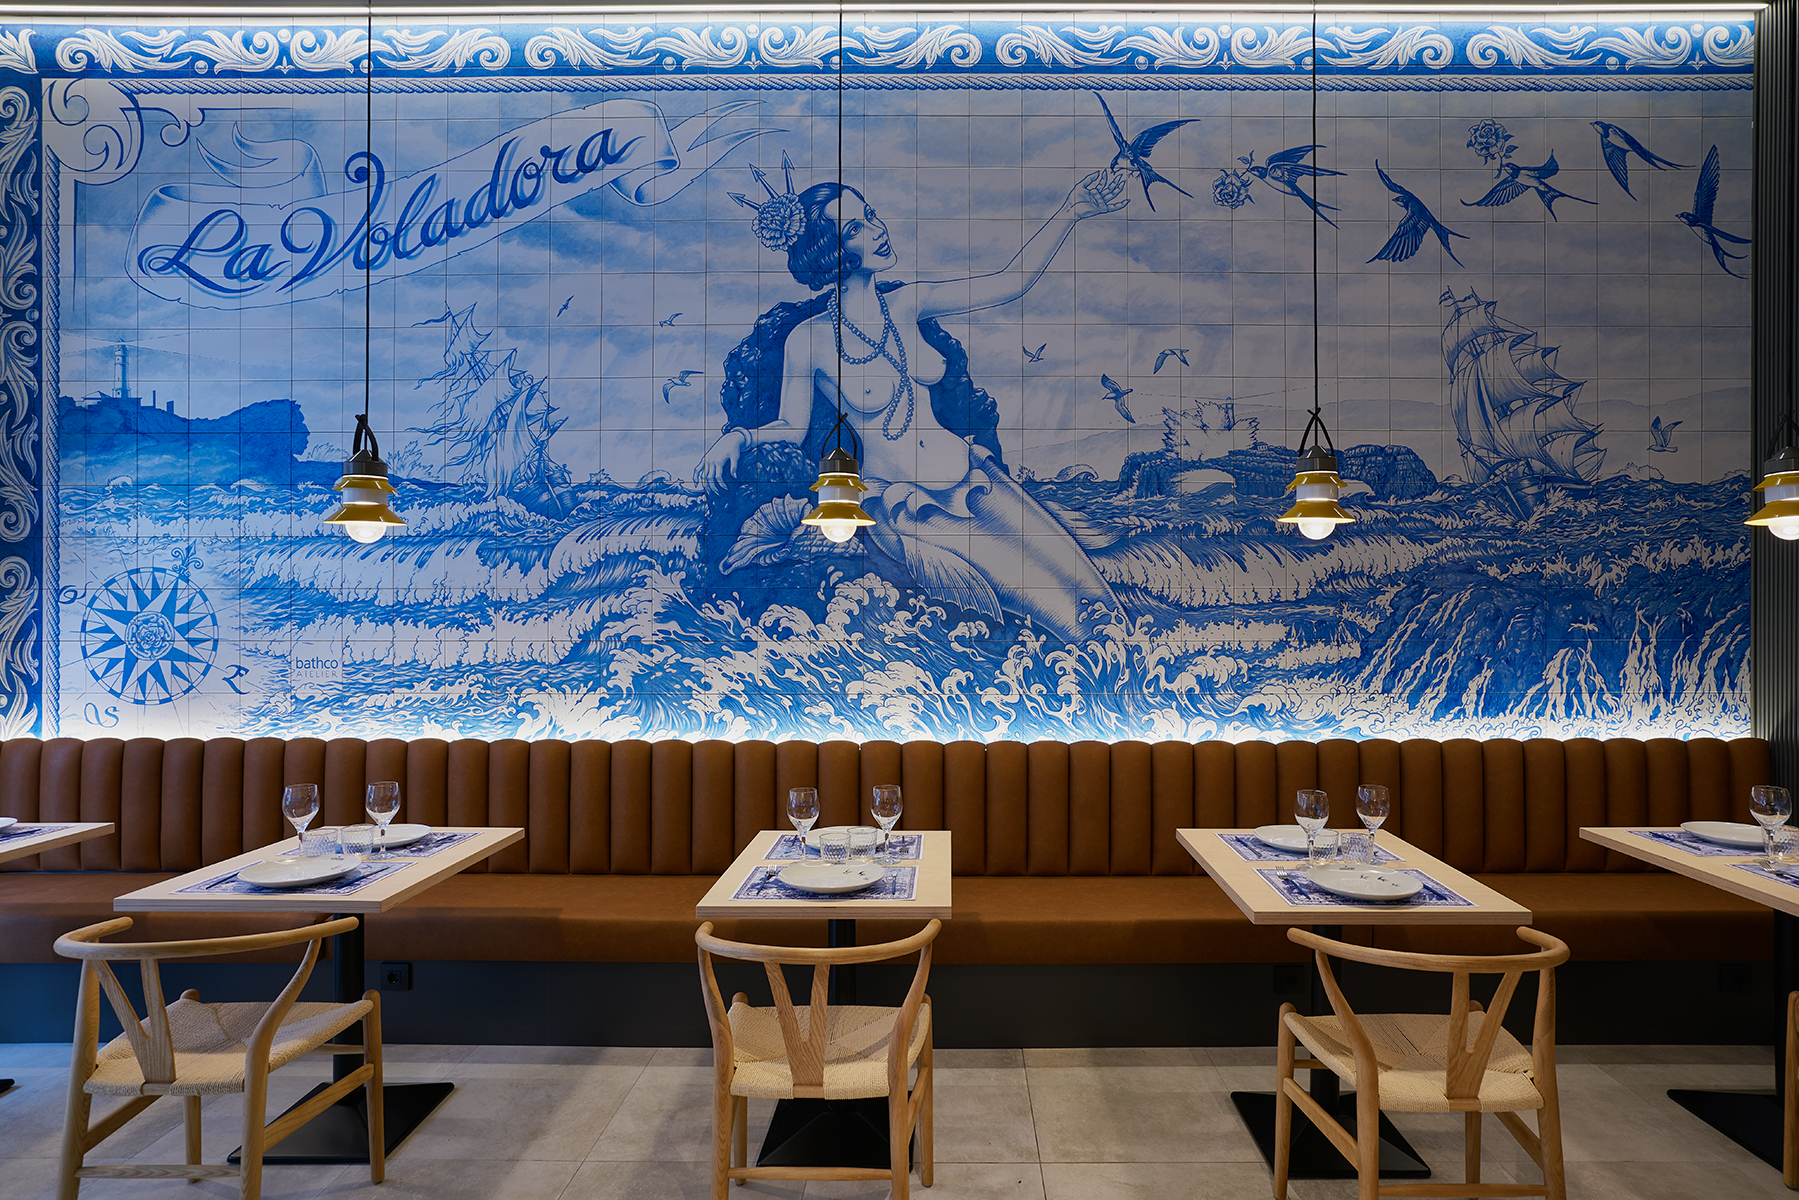 Restaurante_LaVoladora_Santorini_3